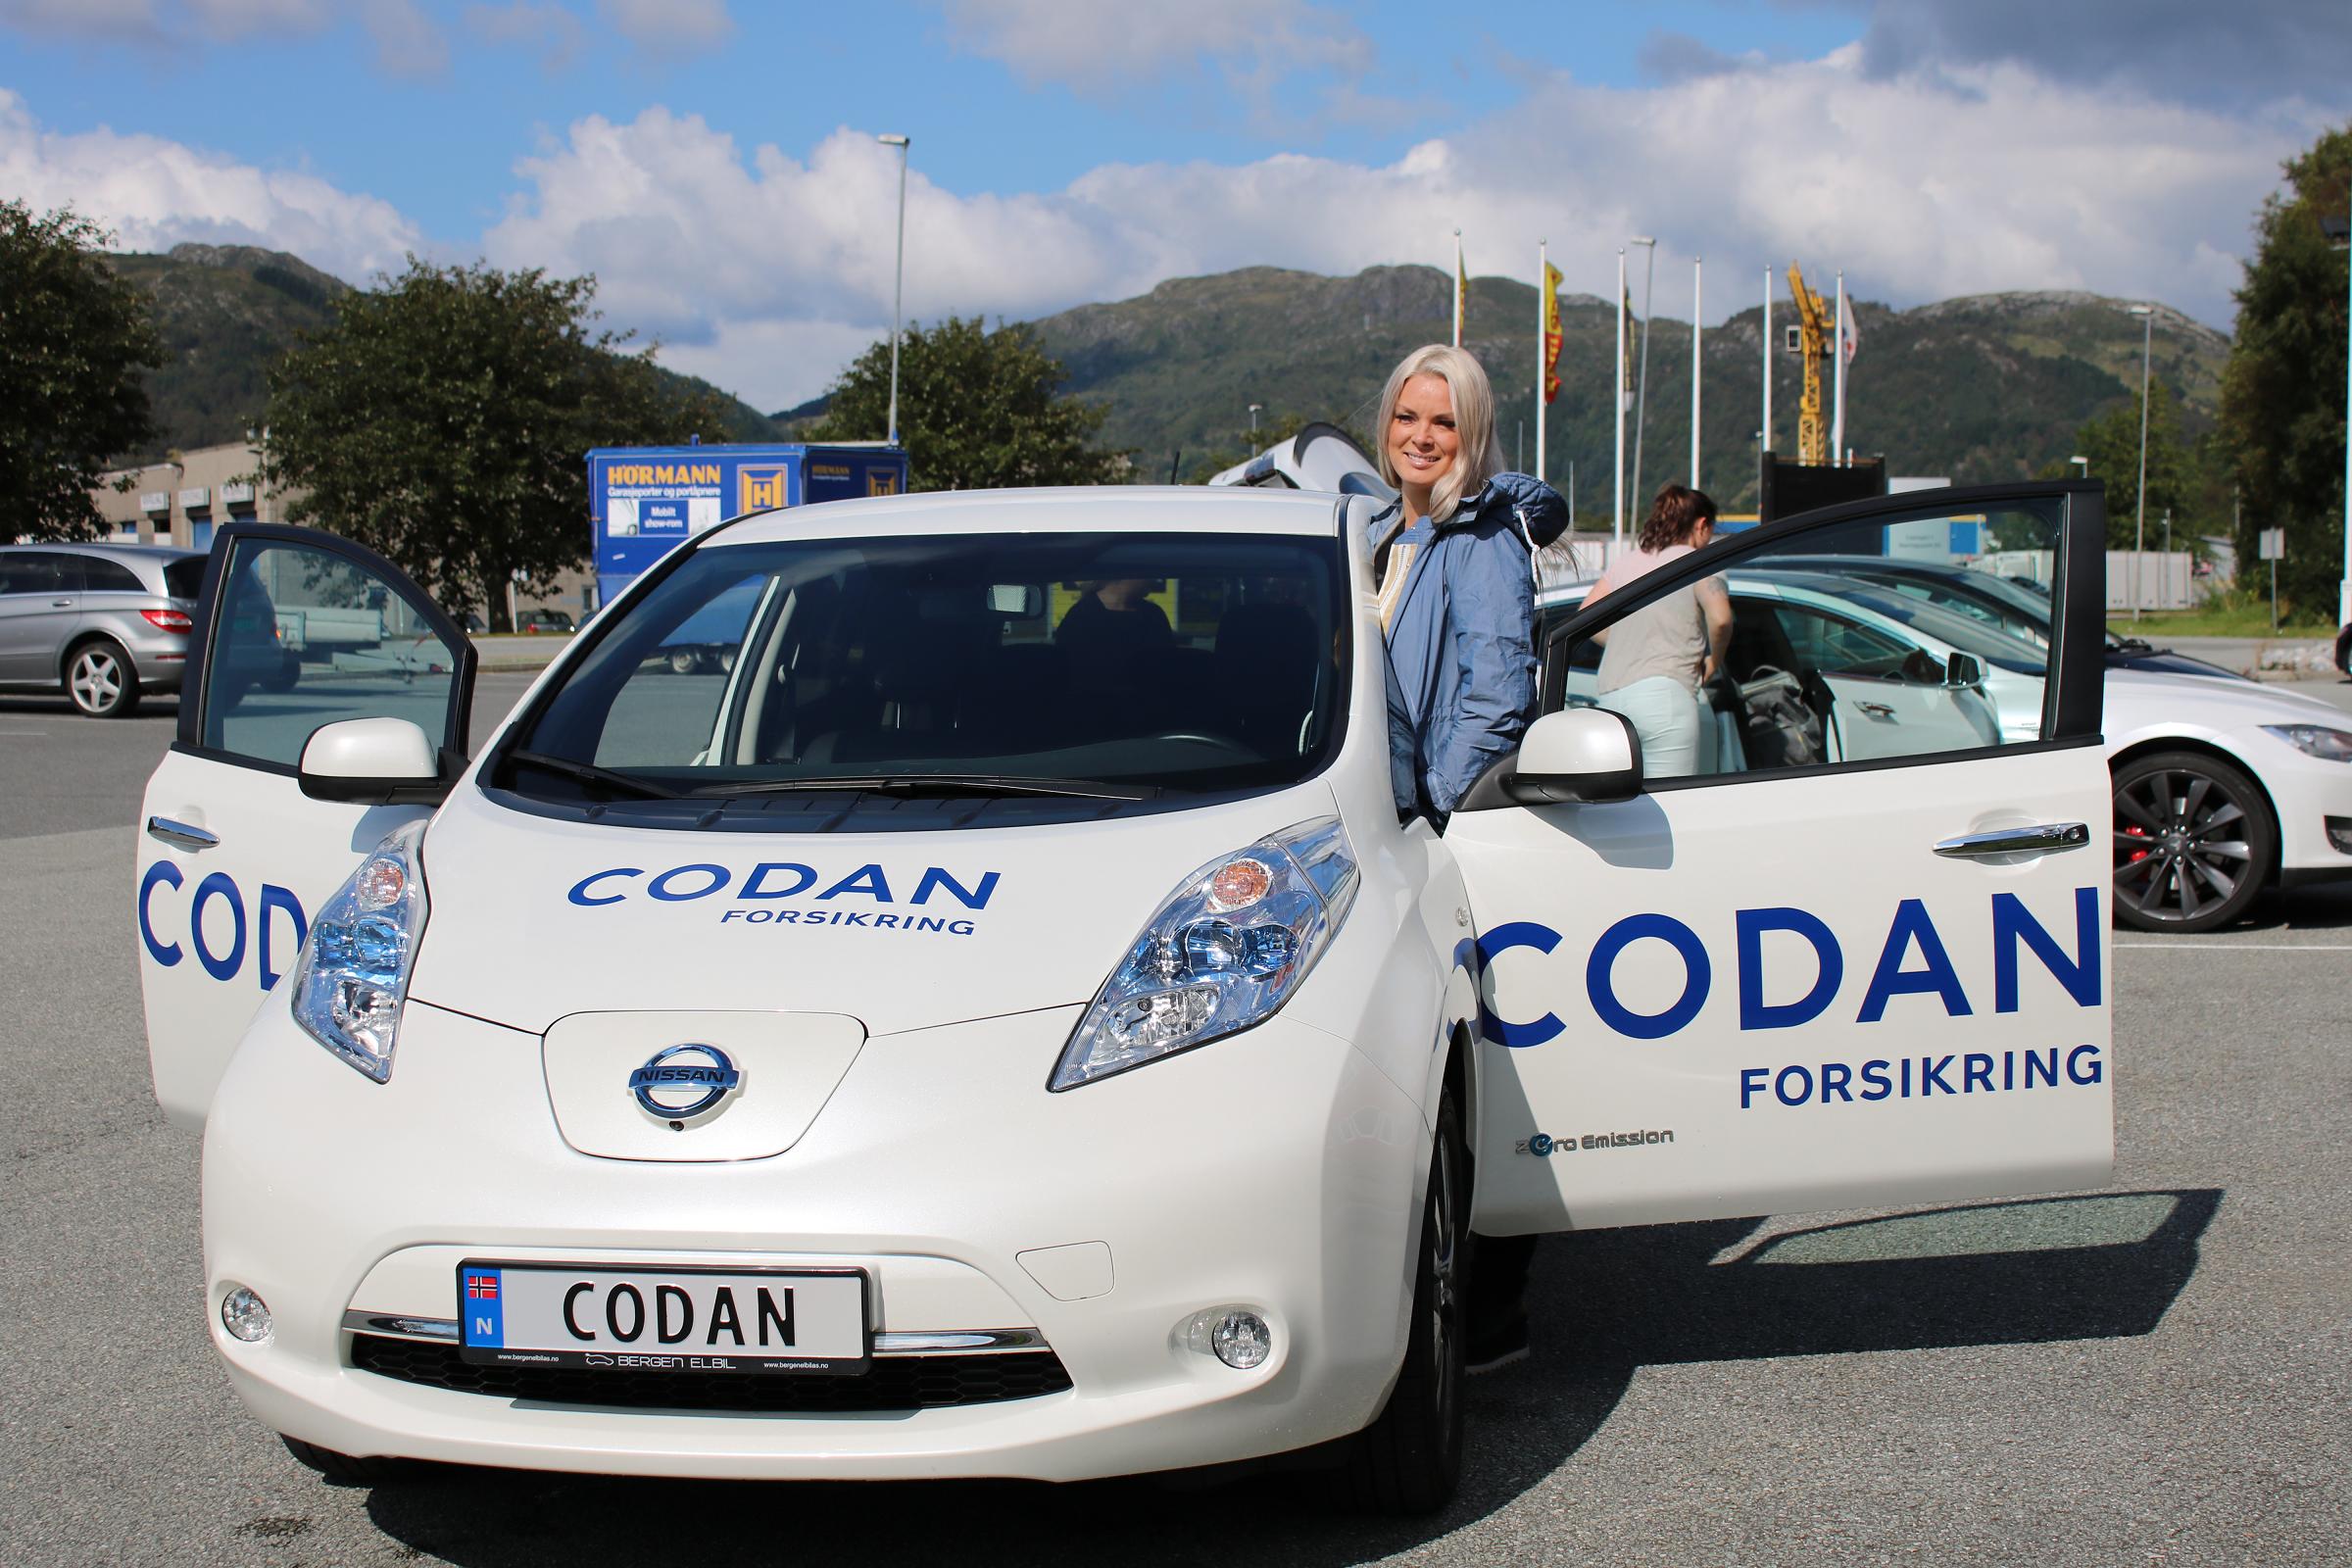 Linn tar imot oss på parkeringen og viser samtidig frem Codan-bilen kontoret i Åsane har.